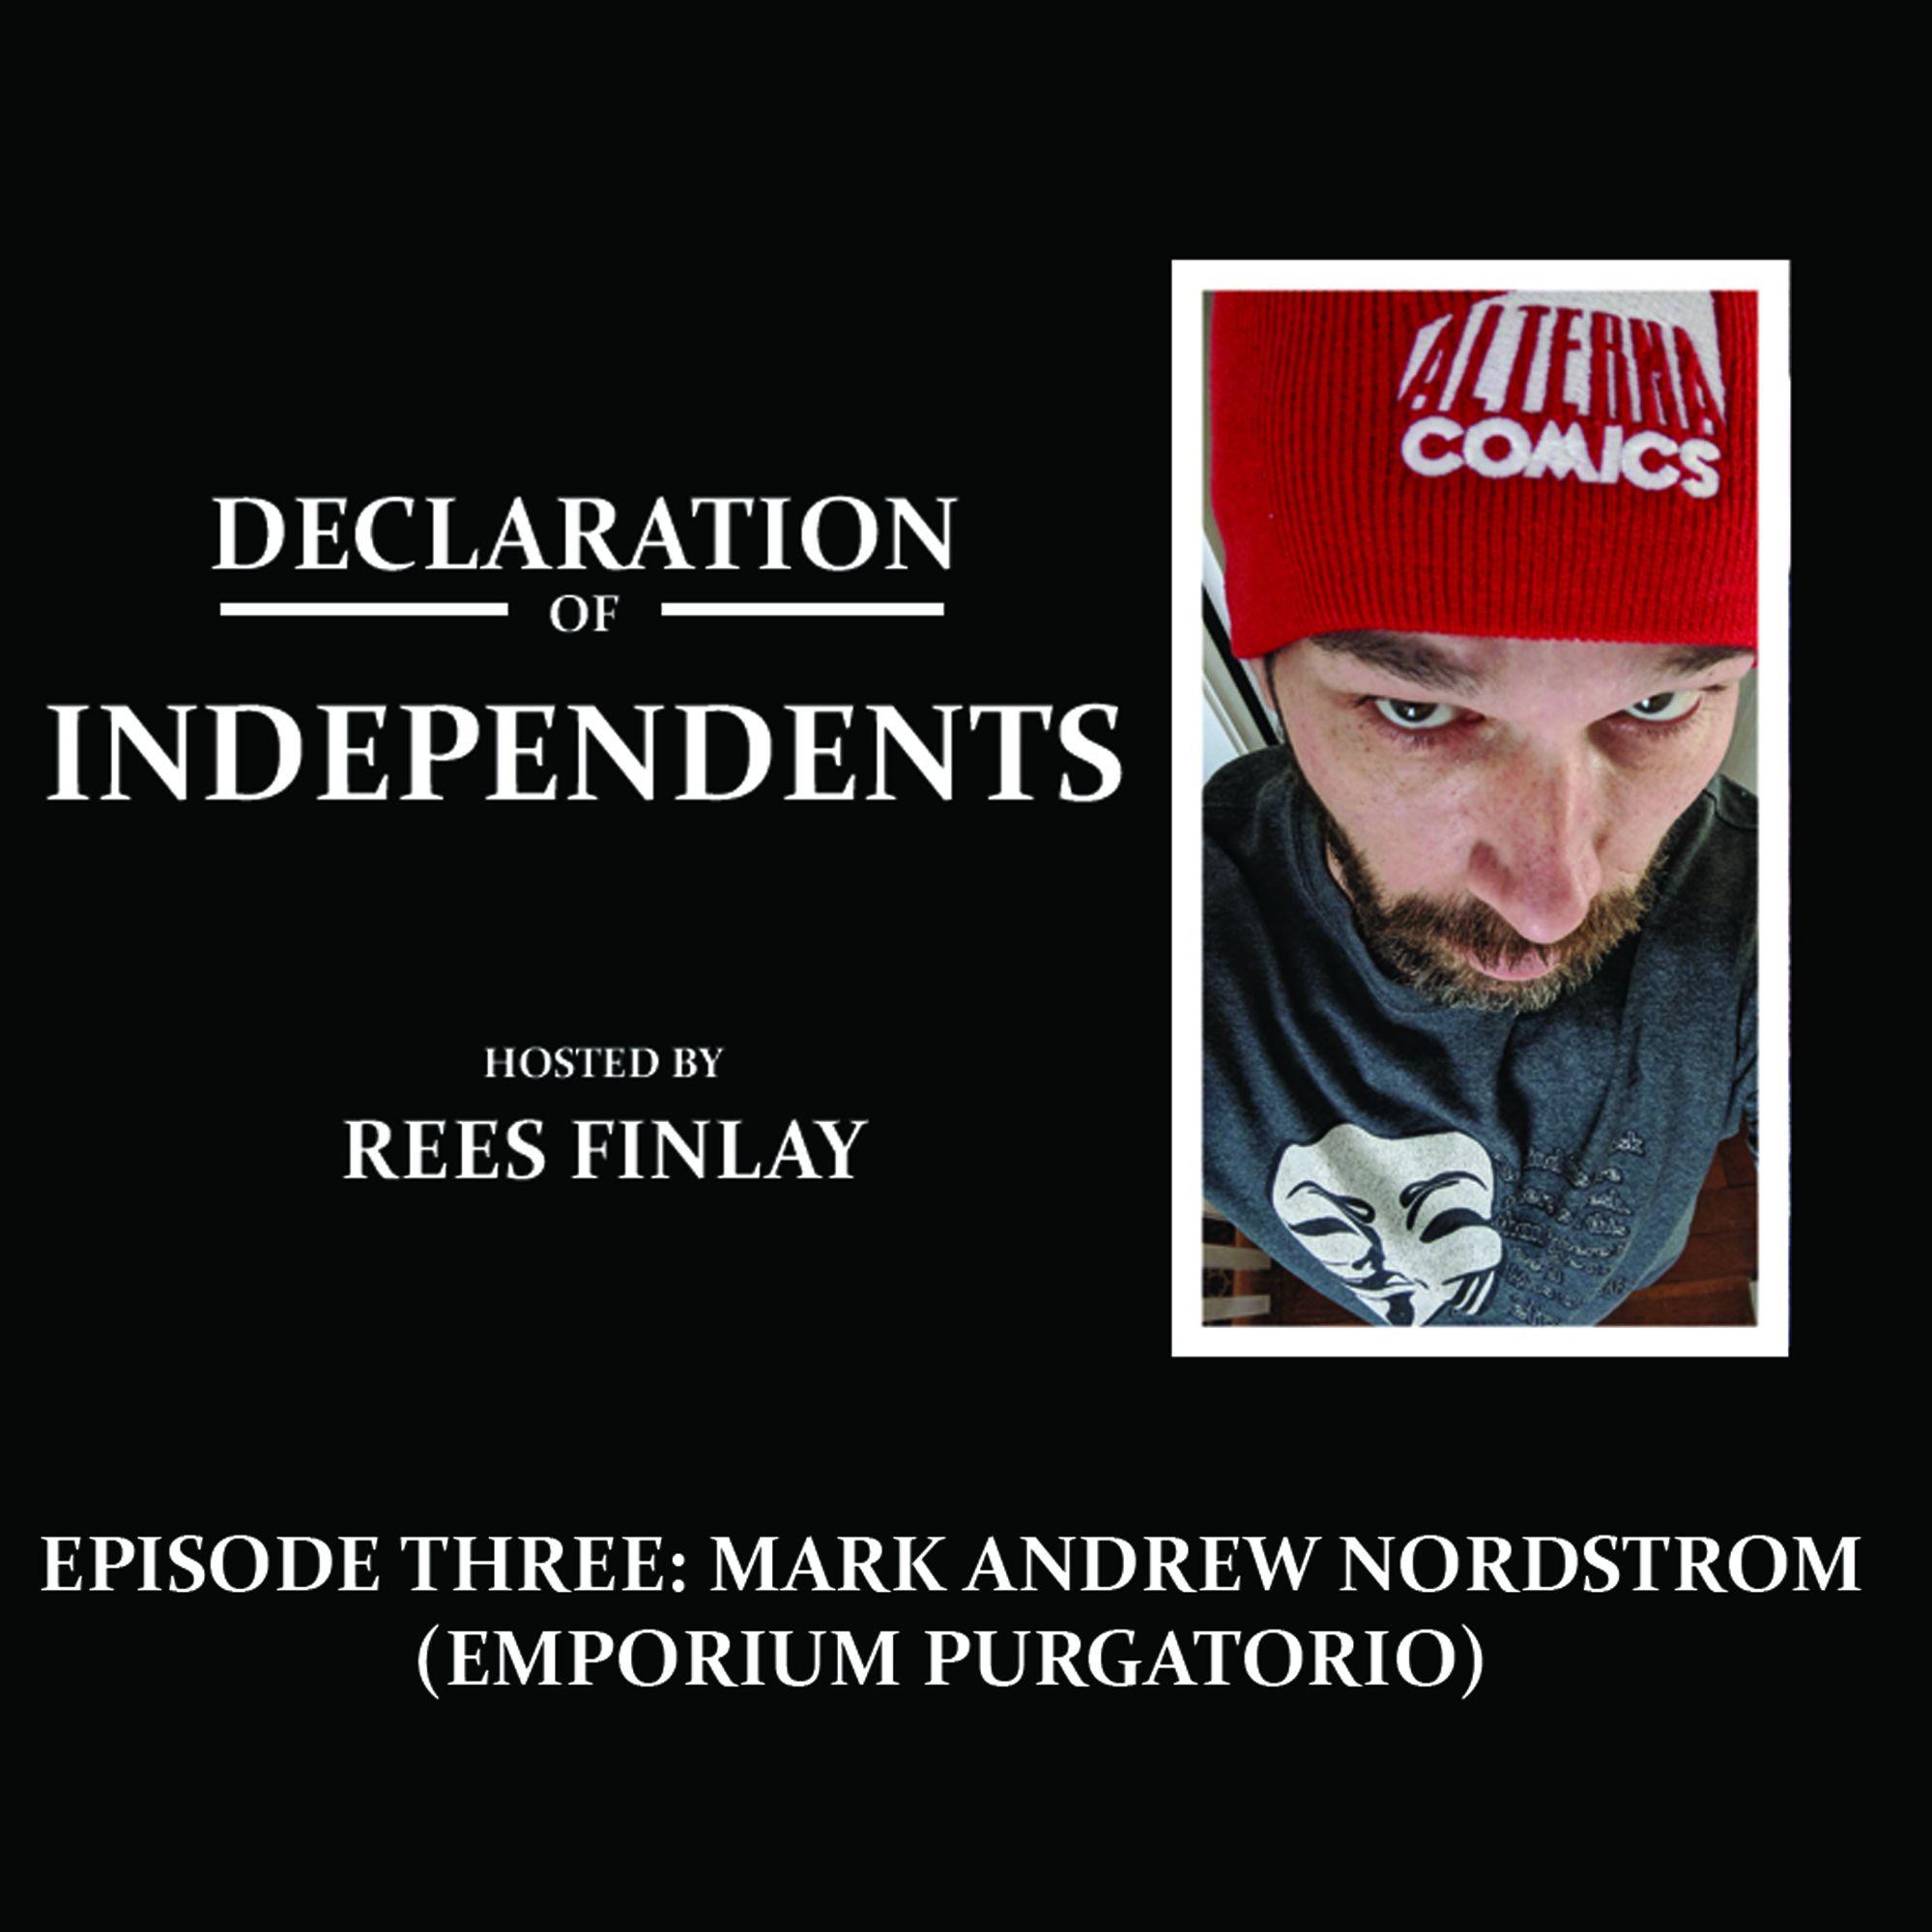 Episode Three: Eporium Purgatorio